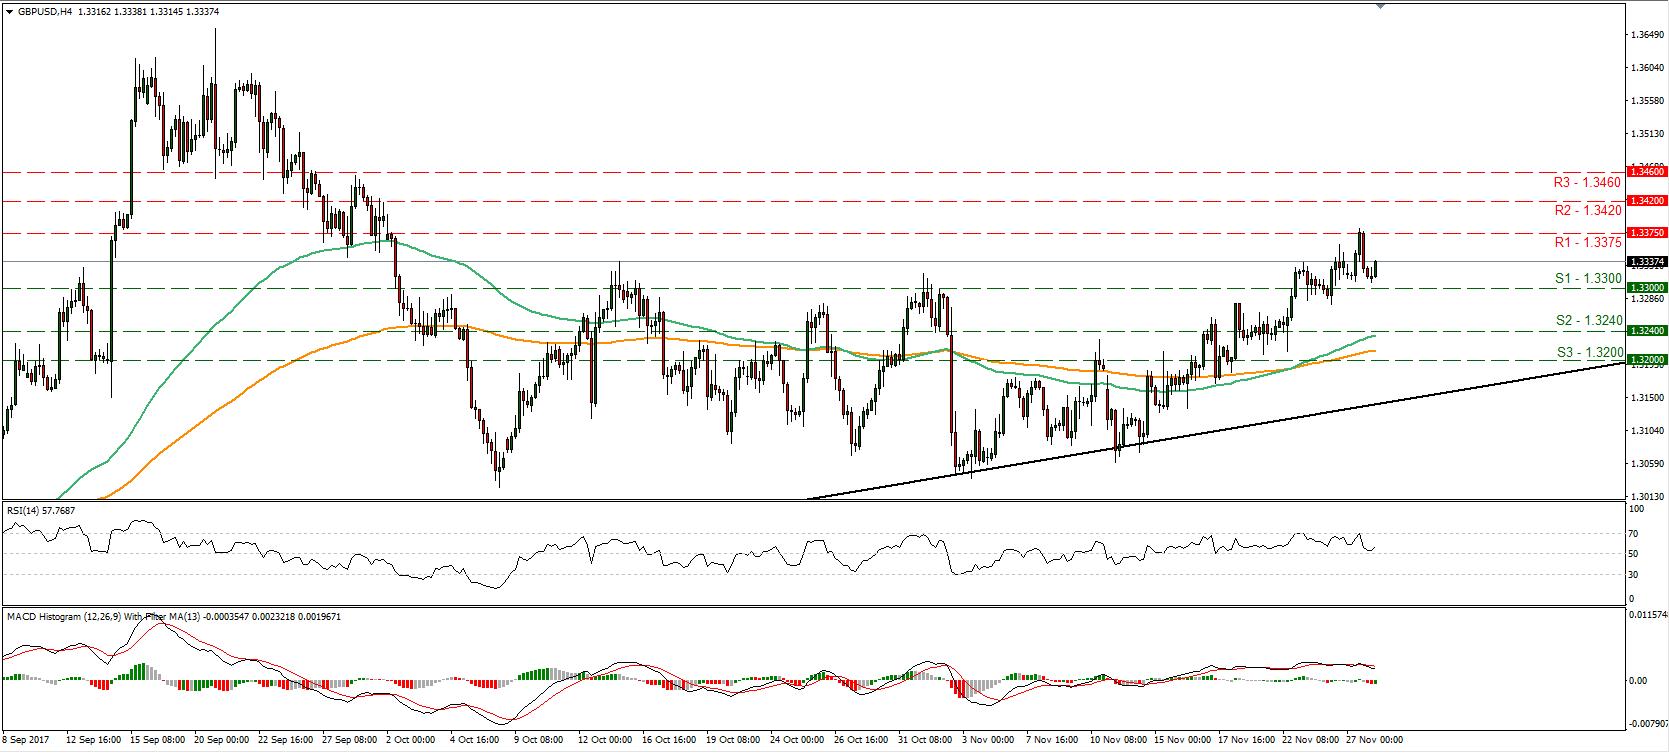 GBP/USD 28 Nov 2017 | Econ Alerts